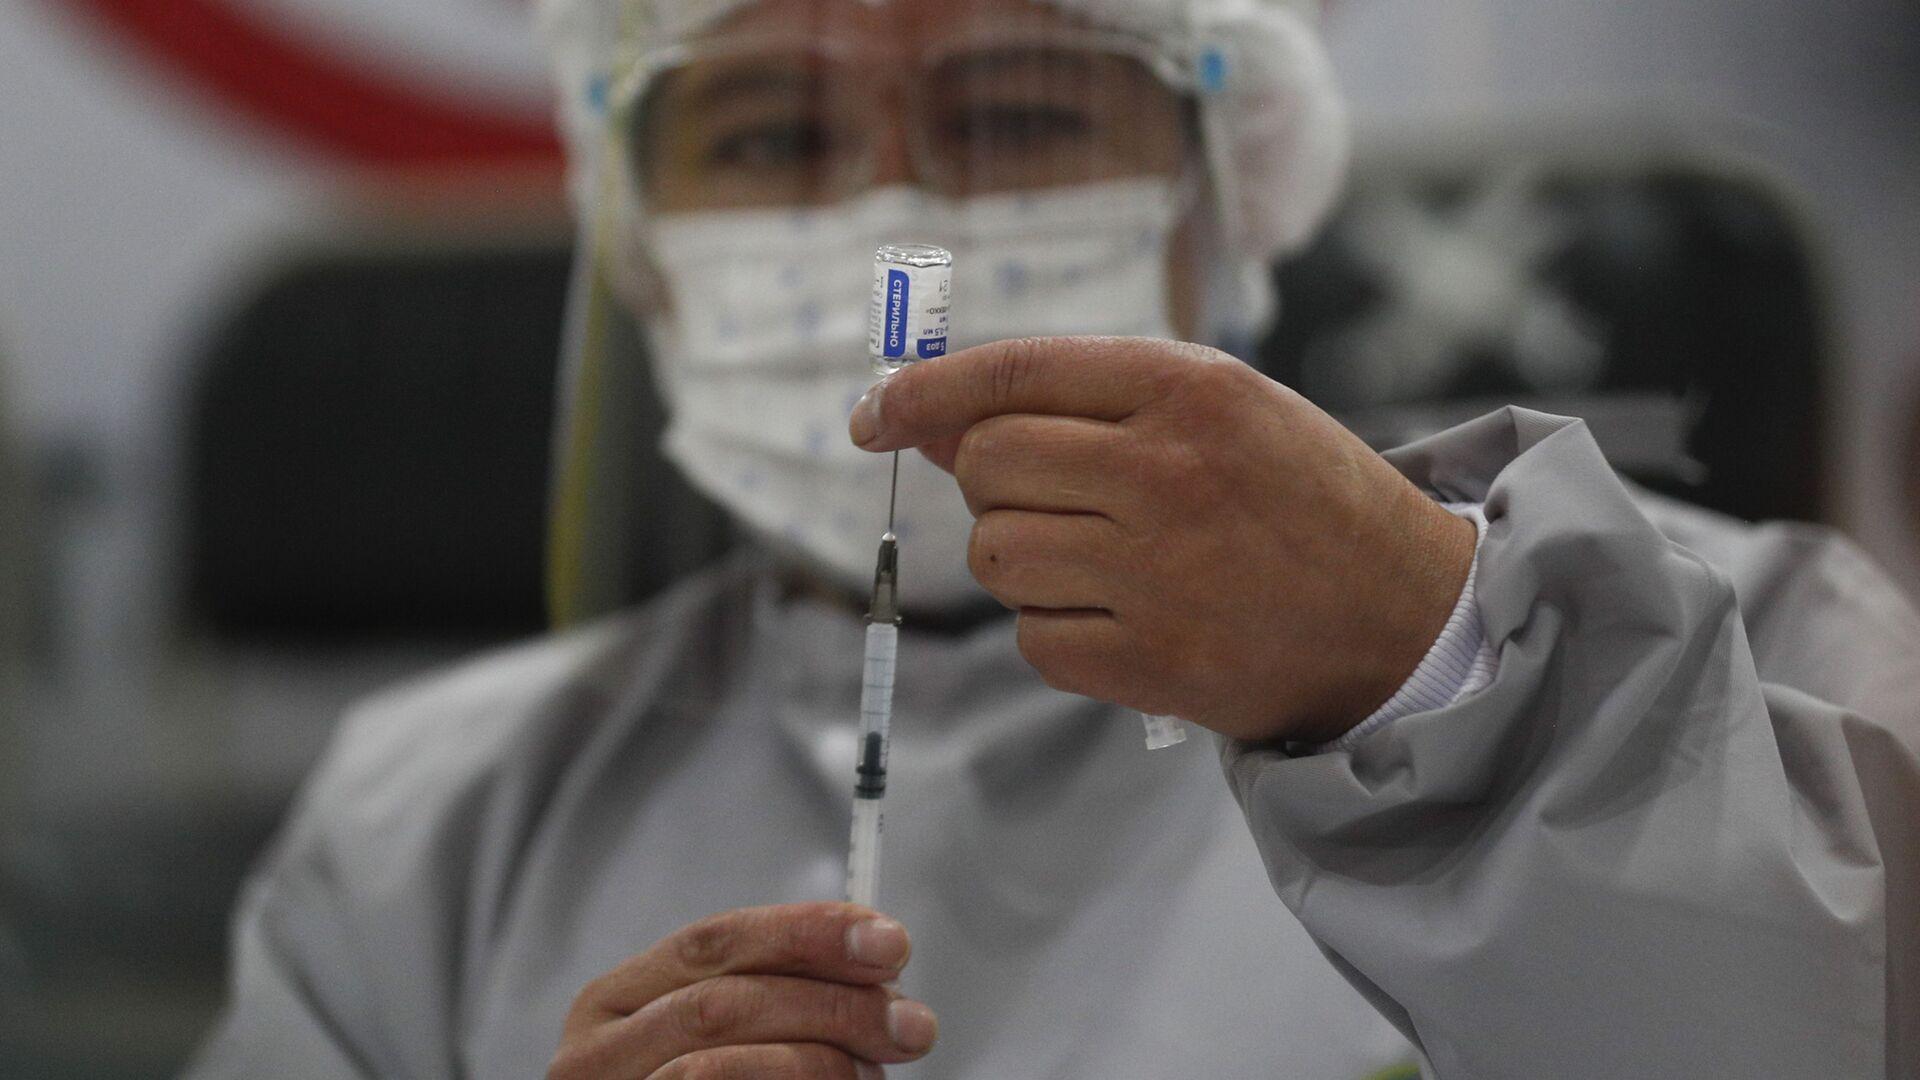 Un trabajador de la salud prepara una dosis de la vacuna rusa Sputnik V COVID-19, en el Hospital Del Norte en El Alto, Bolivia - Sputnik Mundo, 1920, 23.02.2021